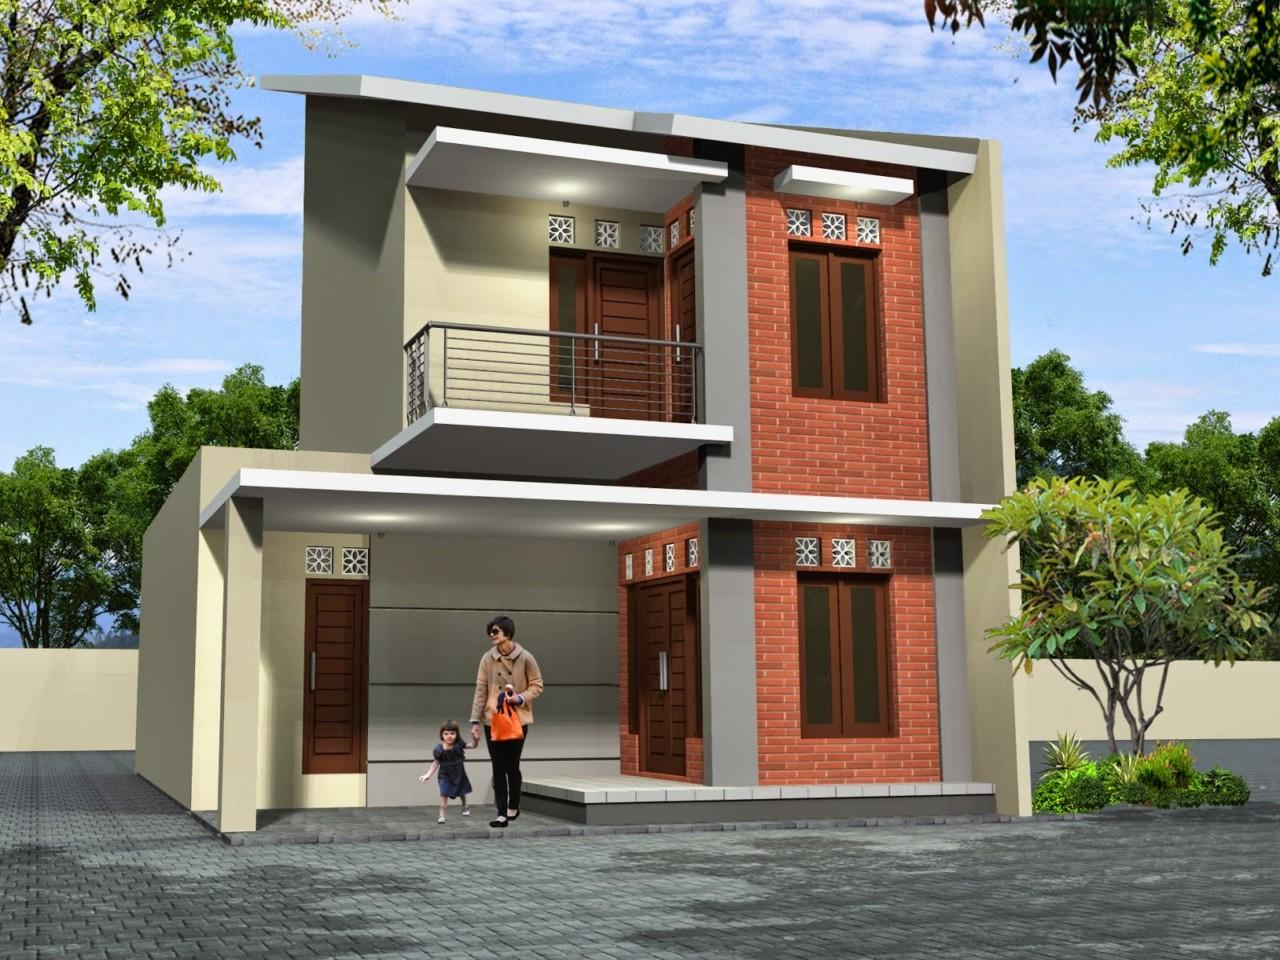 64 Desain Rumah Minimalis 2 Lantai Tanpa Atap Desain Rumah Minimalis Terbaru